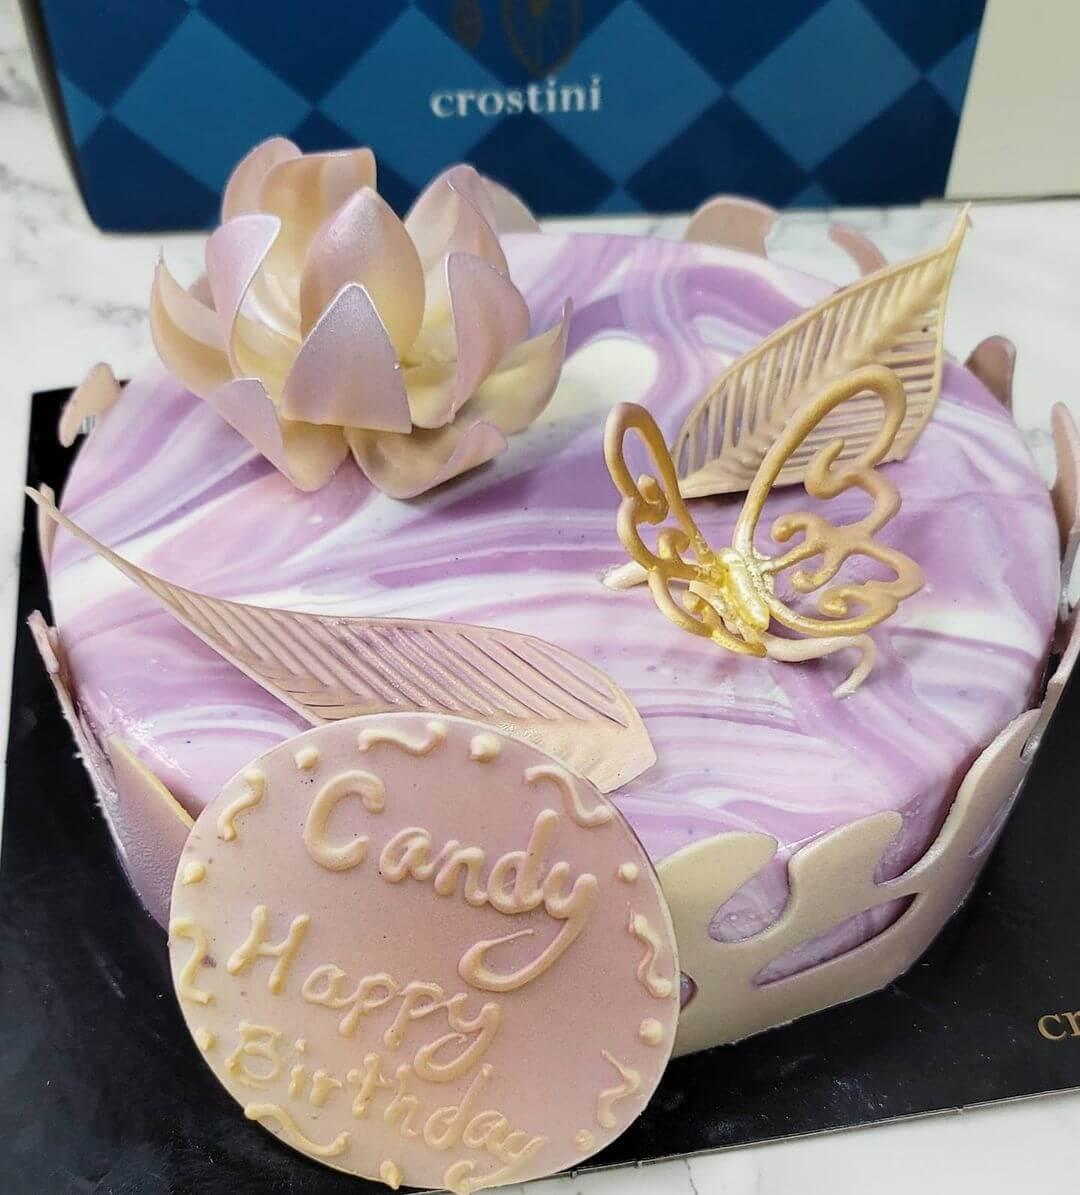 文雪兒獲長女限筠送上蛋糕與鮮花